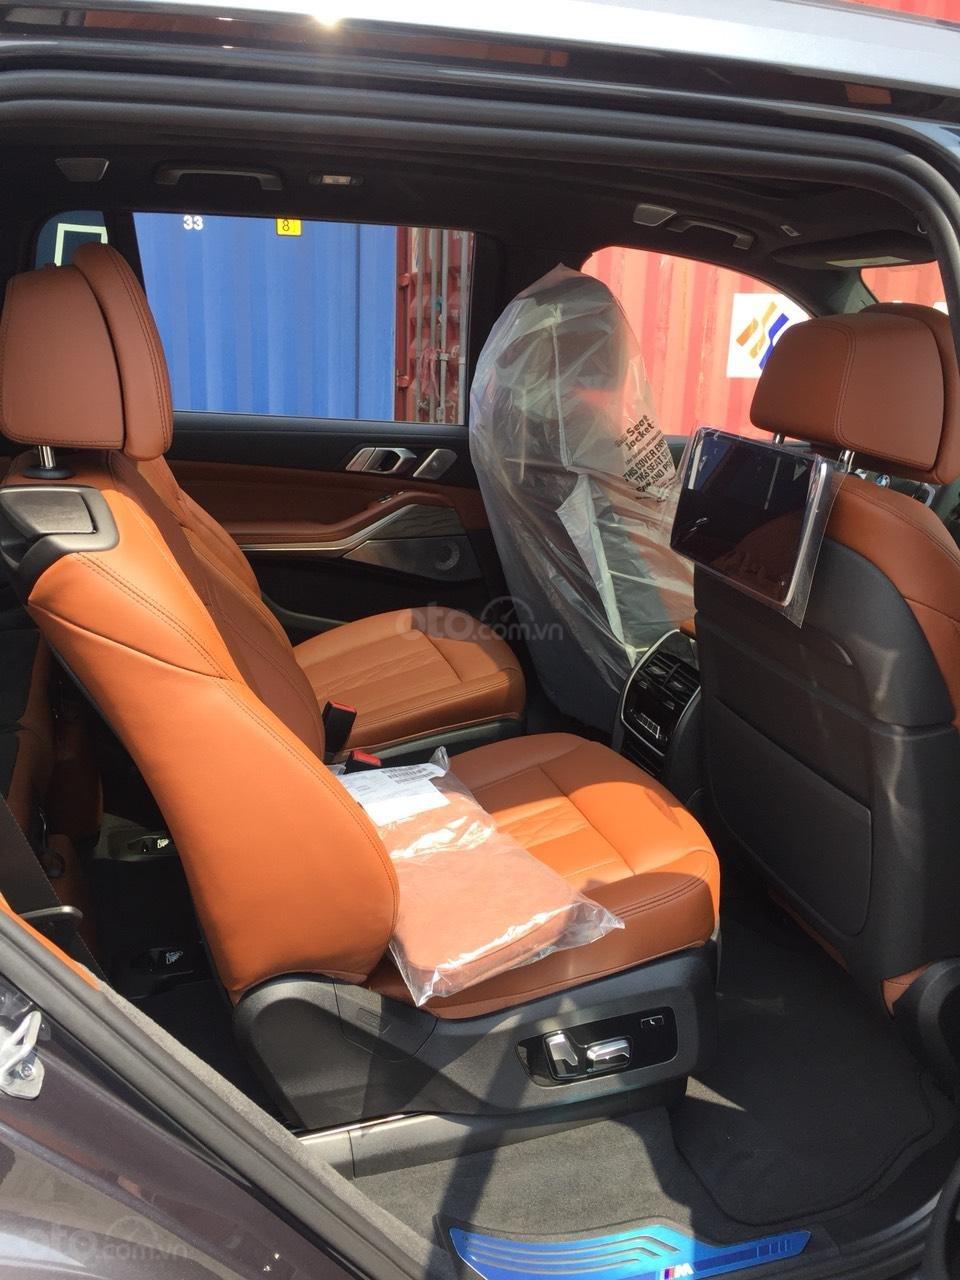 Bán BMW X7 M-sport xdrive 40i, đủ màu giao ngay, xe full option, nhận ép biển đẹp (13)